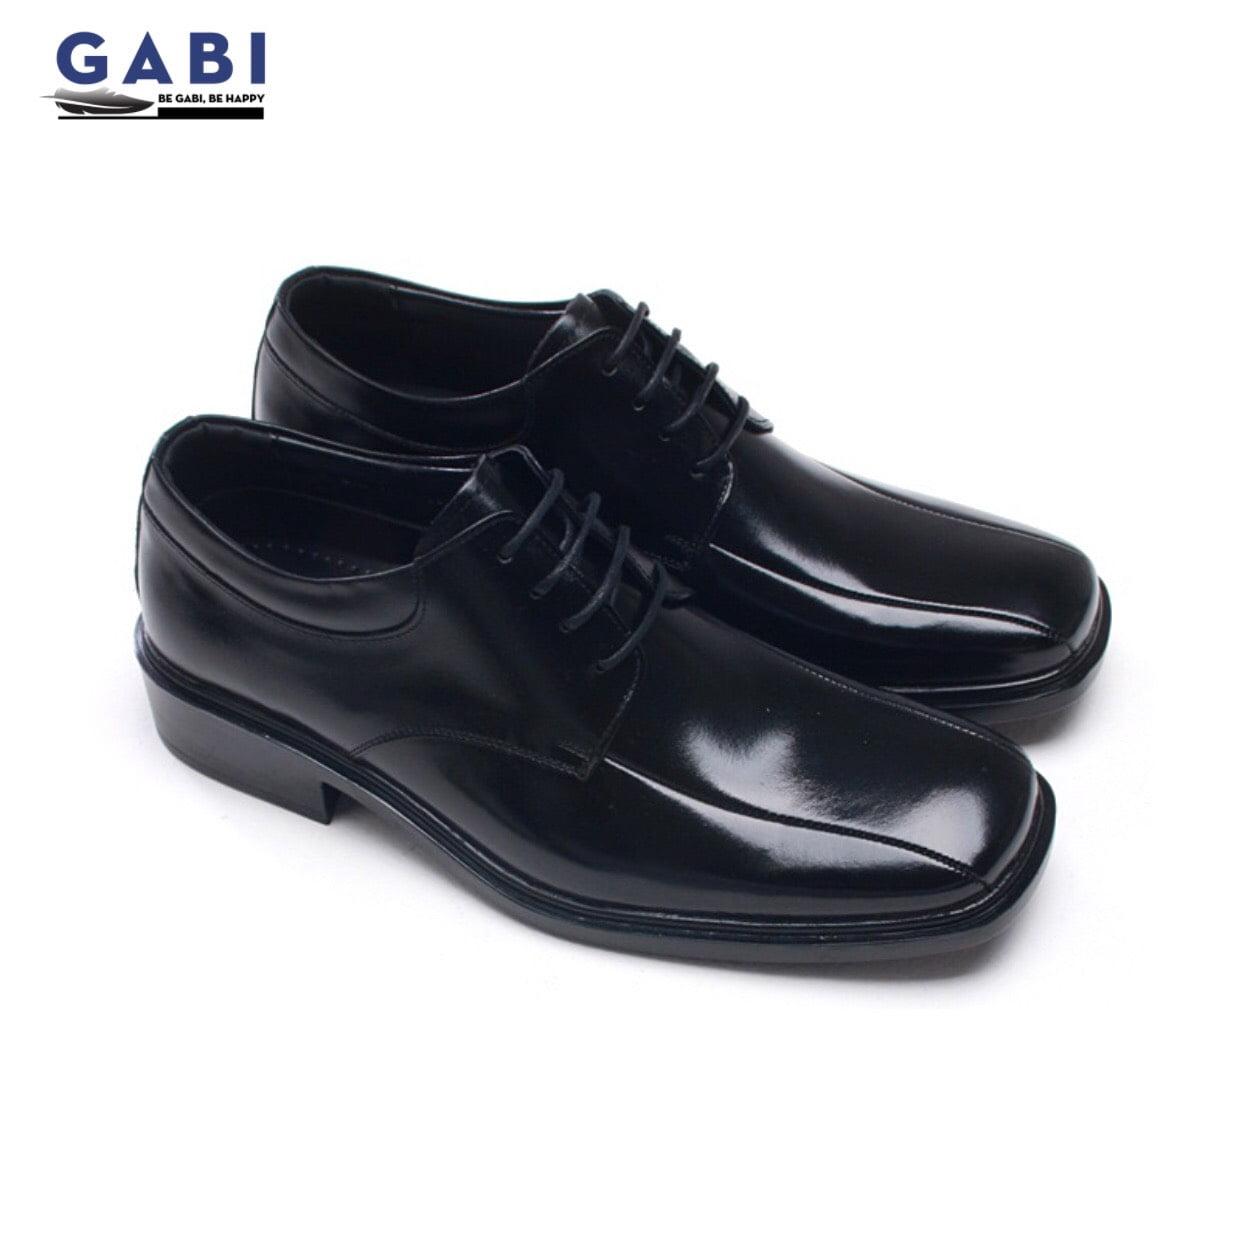 Sự thu hút của những đôi giày tây mũi vuông chính nằm ở phần mũi của chúng